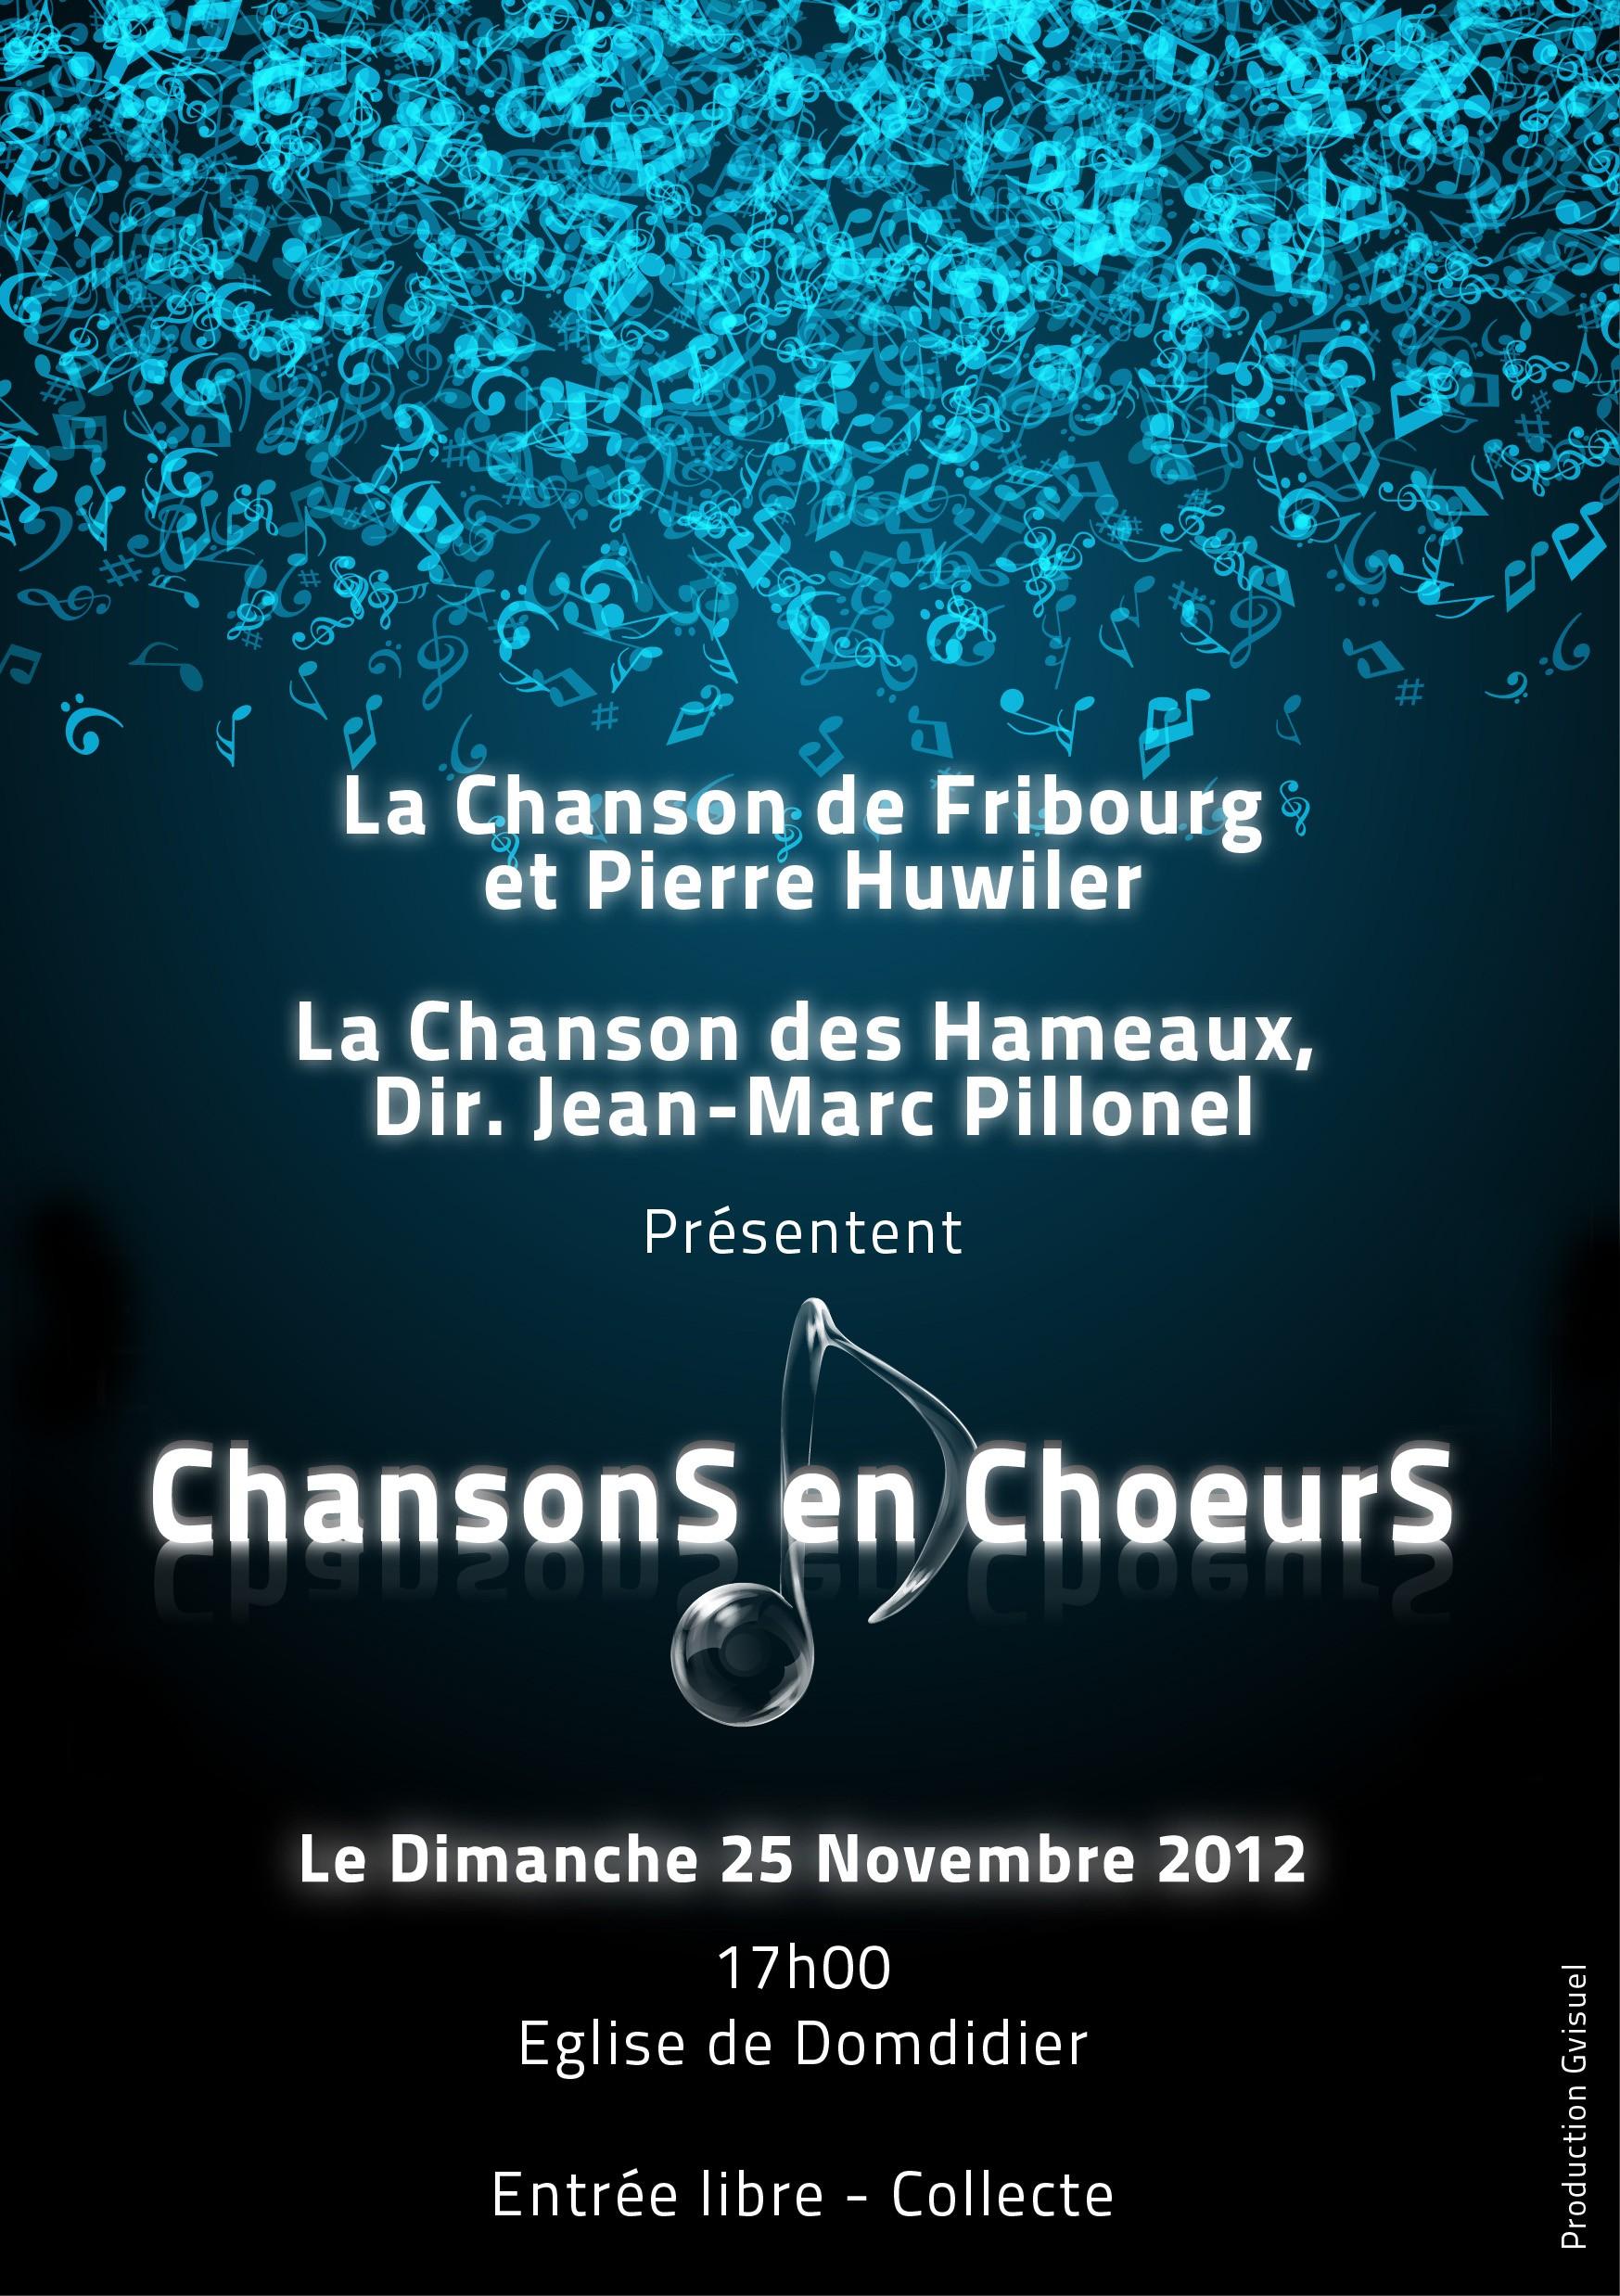 En Concert Le 25 Novembre à Domdidier